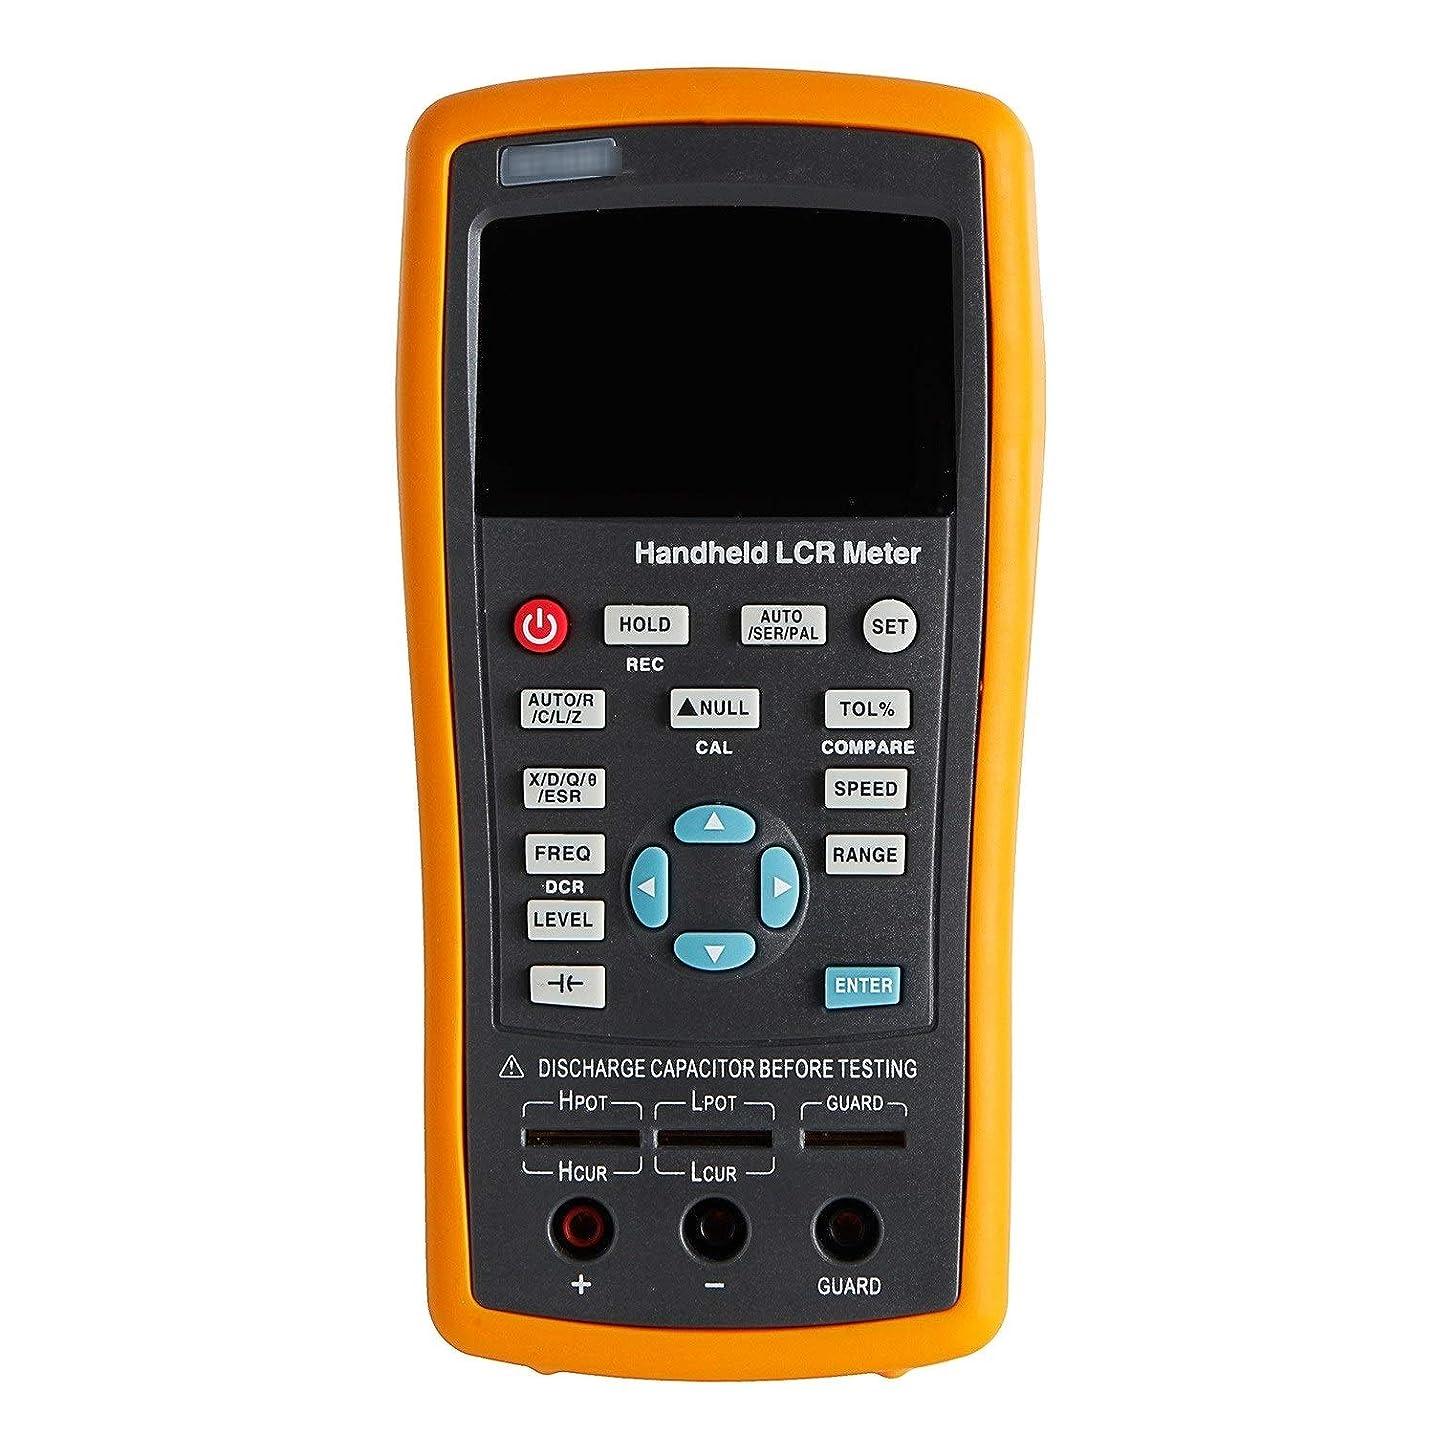 お祝い殺人前に正確な測定 デジタルLCRメーター バックライトディスプレイ付 ハンドヘルド LCRブリッジ ET42 +/- 0.2%精度 抵抗電解容量測定